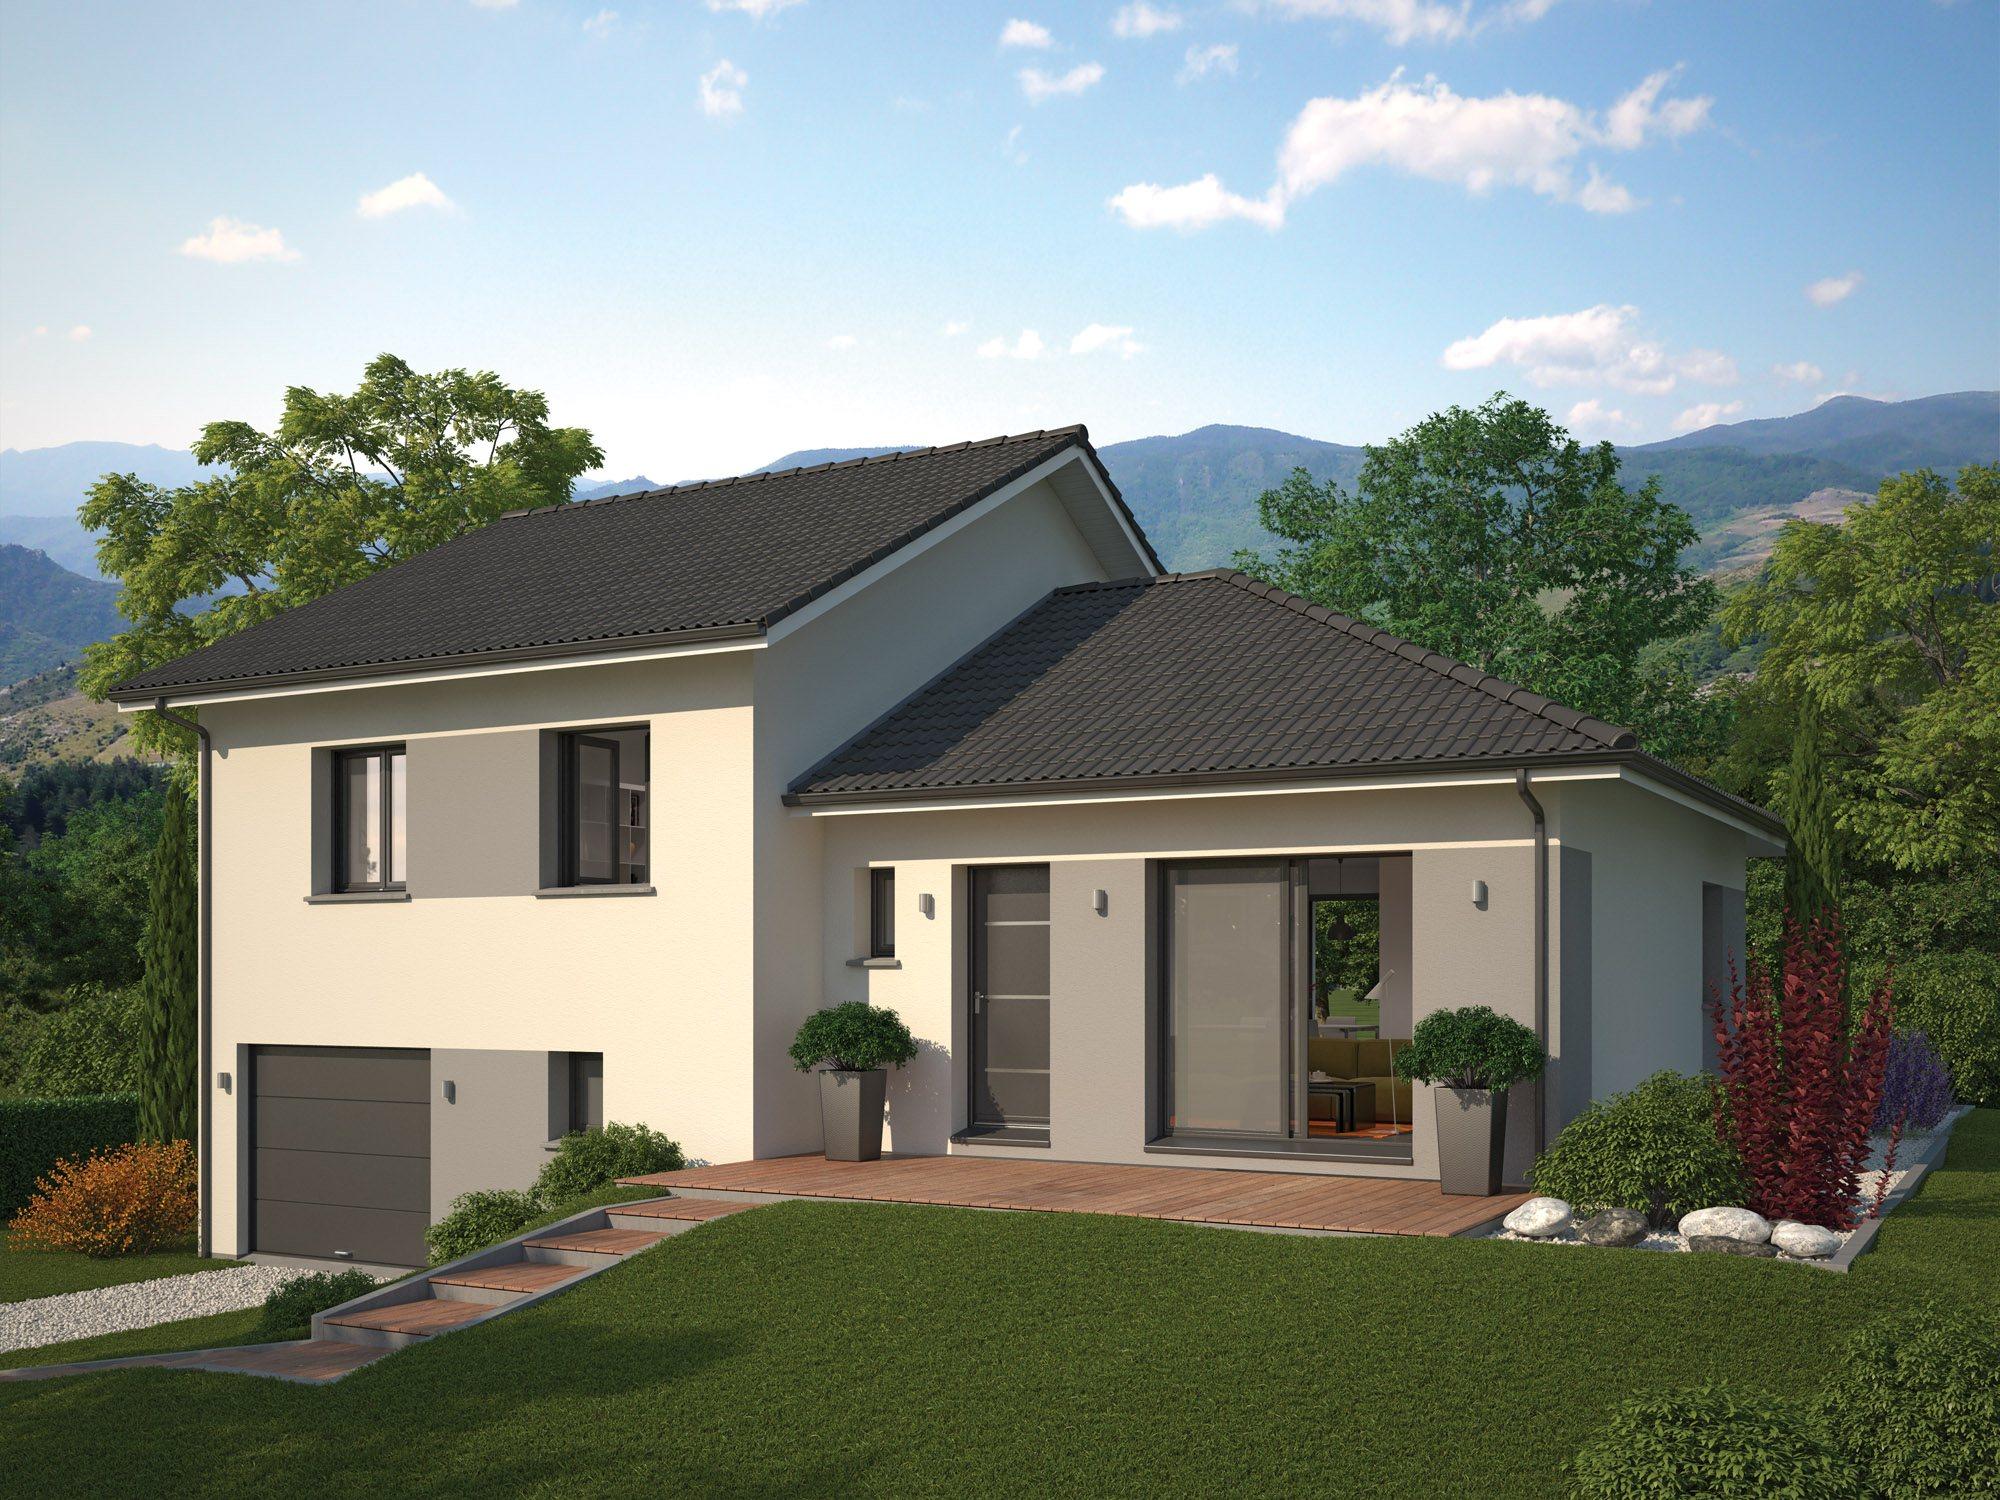 Maisons + Terrains du constructeur MAISON FAMILIALE • 97 m² • LIERGUES